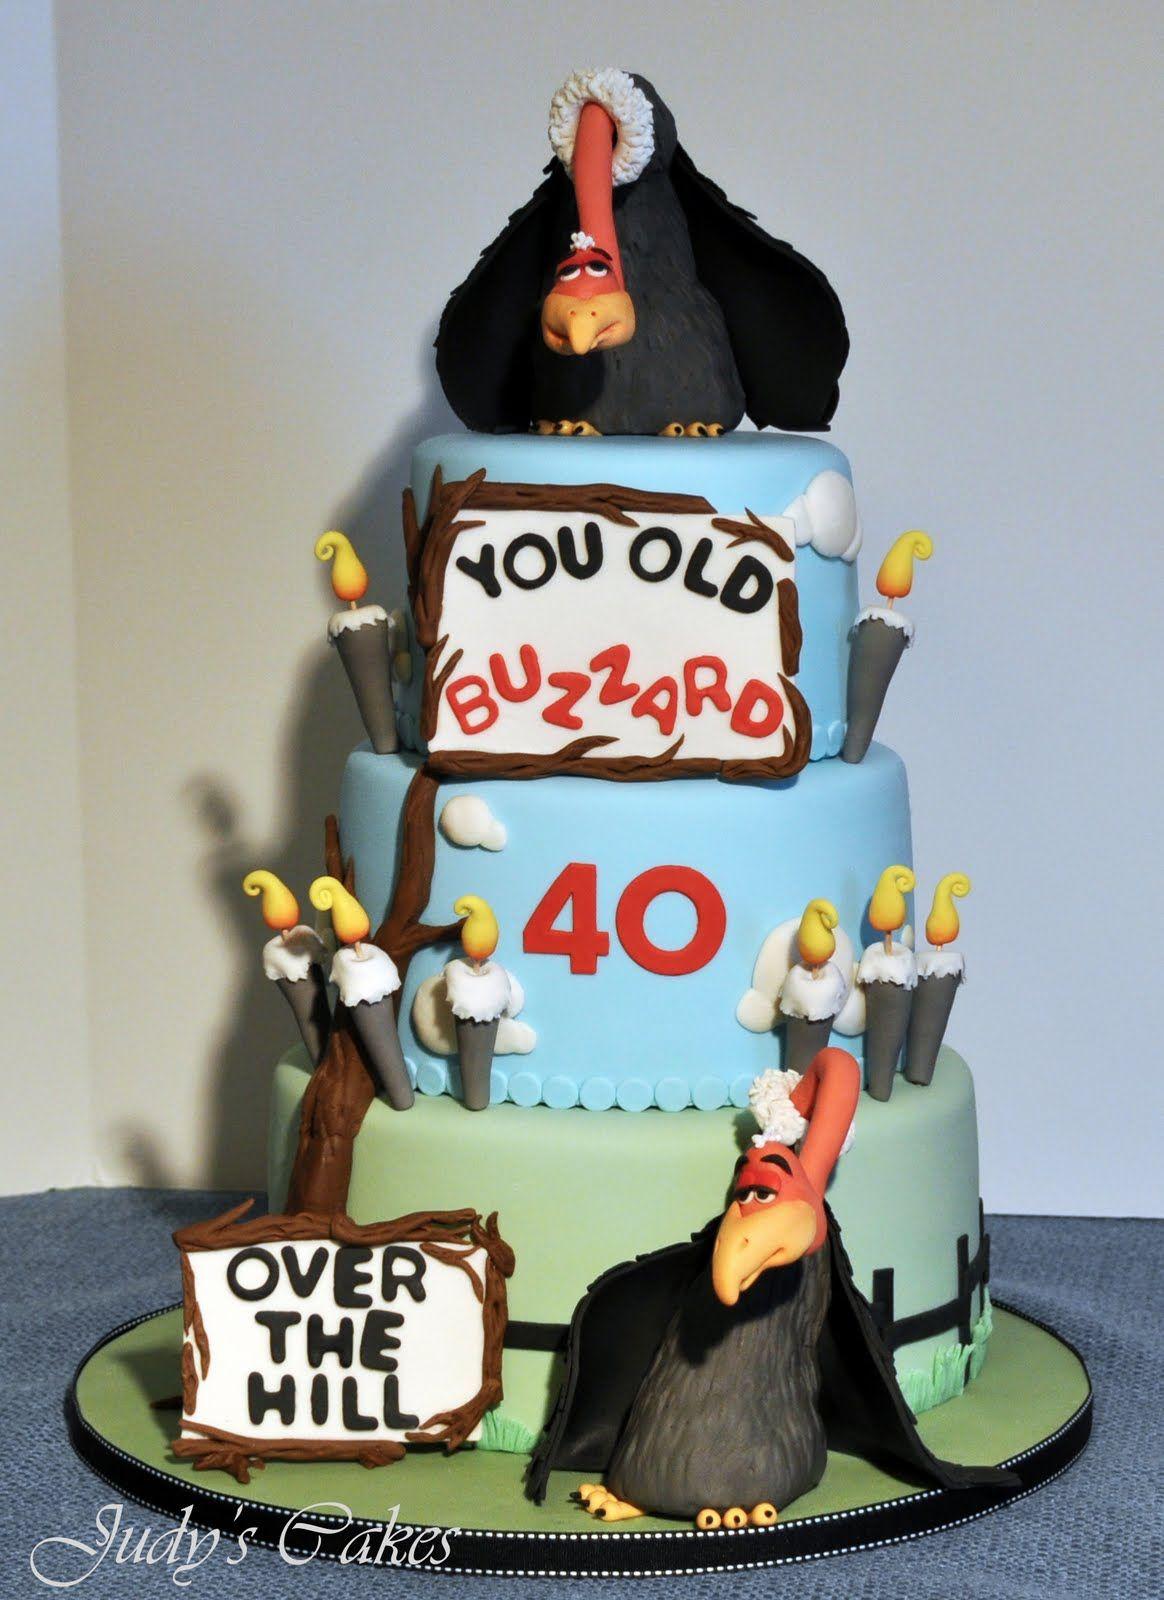 You Old Buzzard Cake